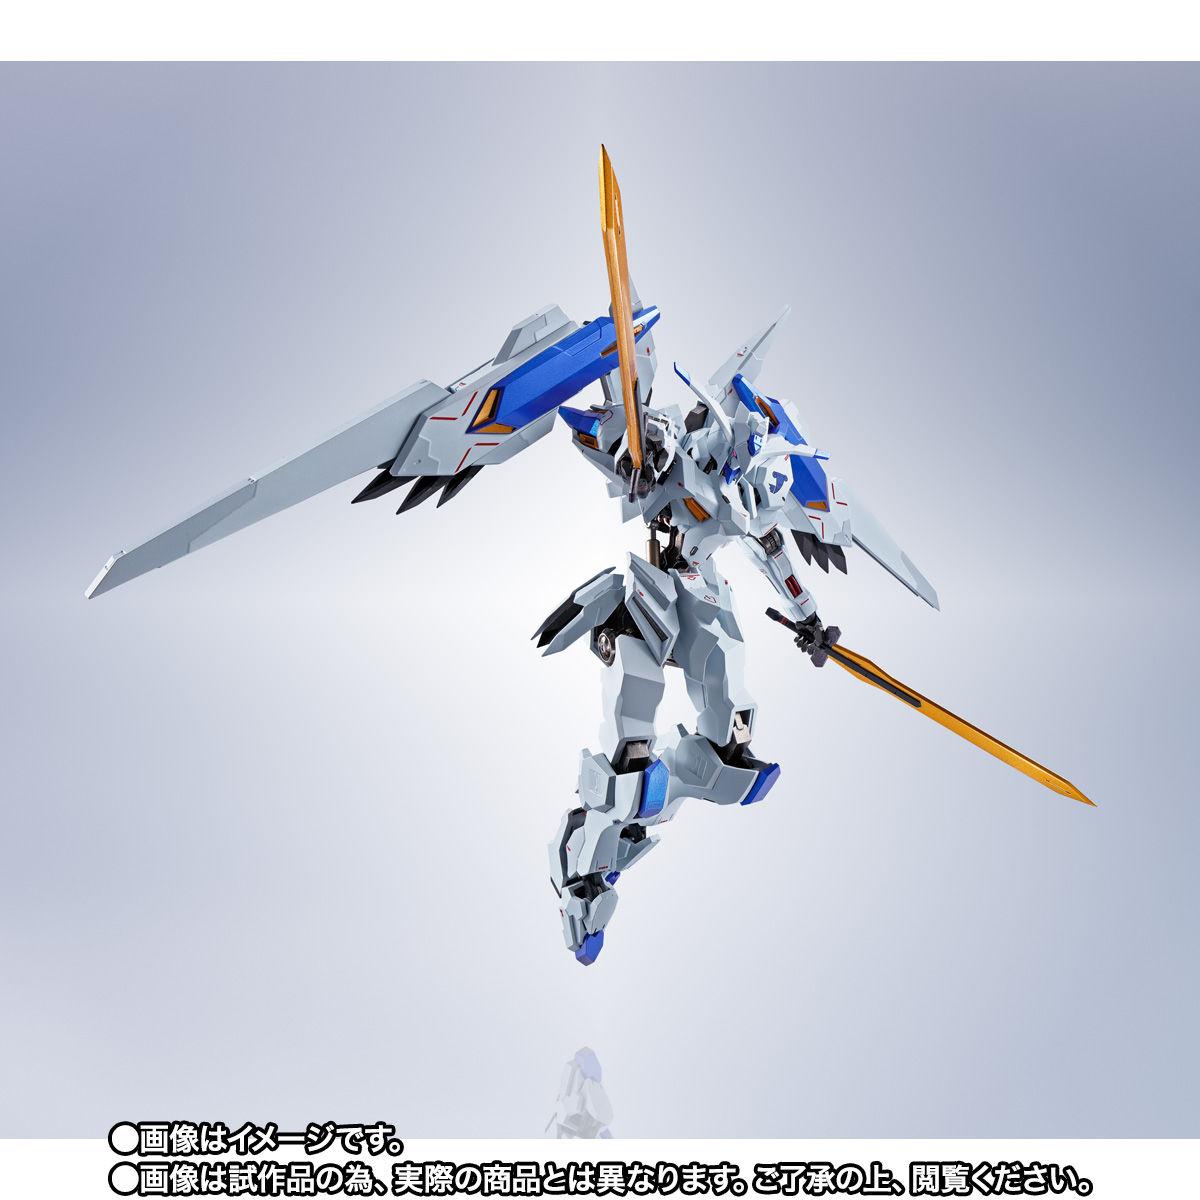 【限定販売】METAL ROBOT魂〈SIDE MS〉『ガンダムバエル』鉄血のオルフェンズ 可動フィギュア-004